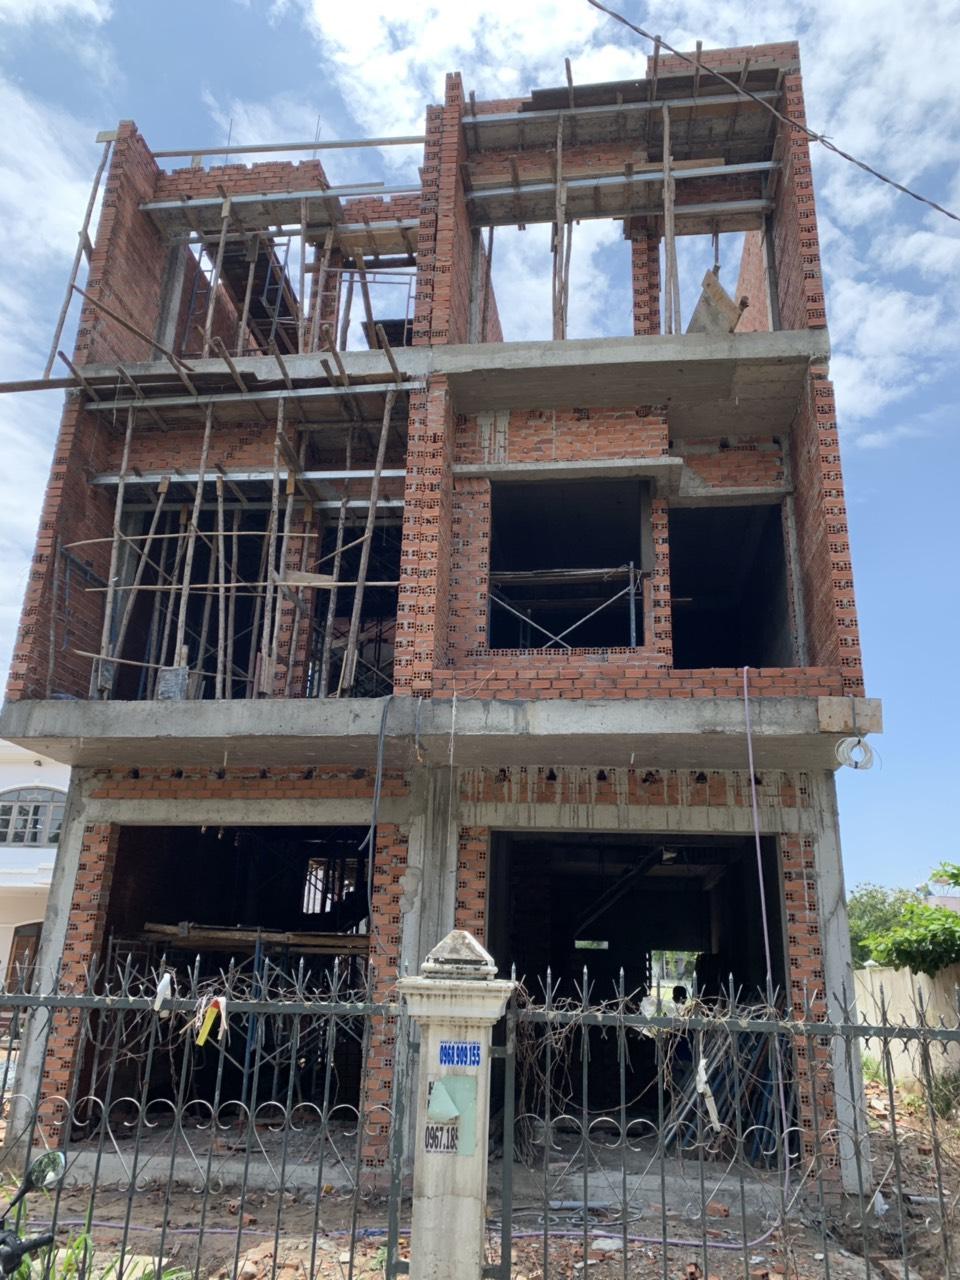 Bán nhà Dĩ An 1 trệt 2 lầu sổ hồng riêng chính chủ gần ngã ba cây lơn phường Đông Hòa  , thị xã Dĩ An